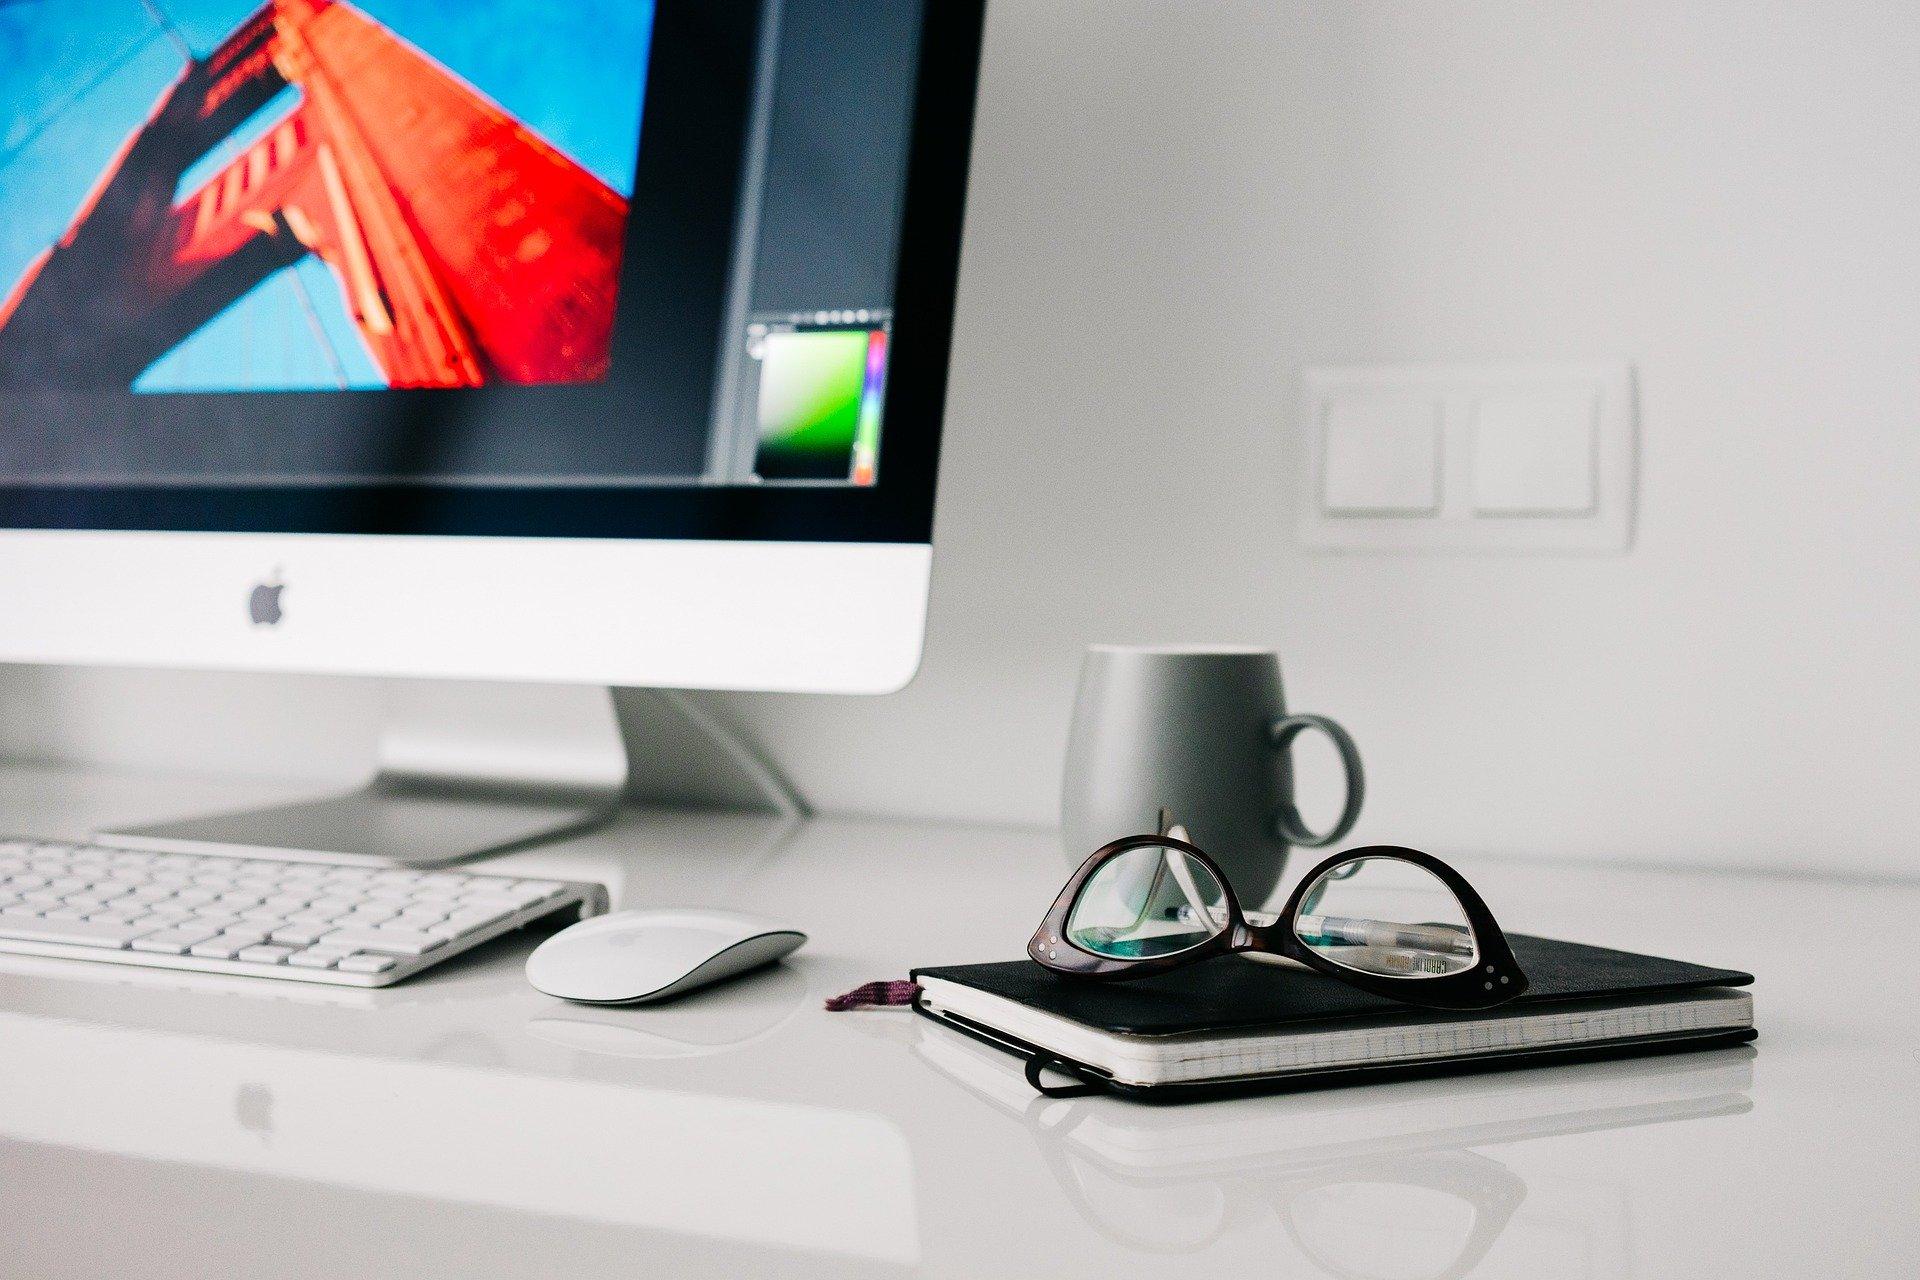 デスクトップパソコンとノート